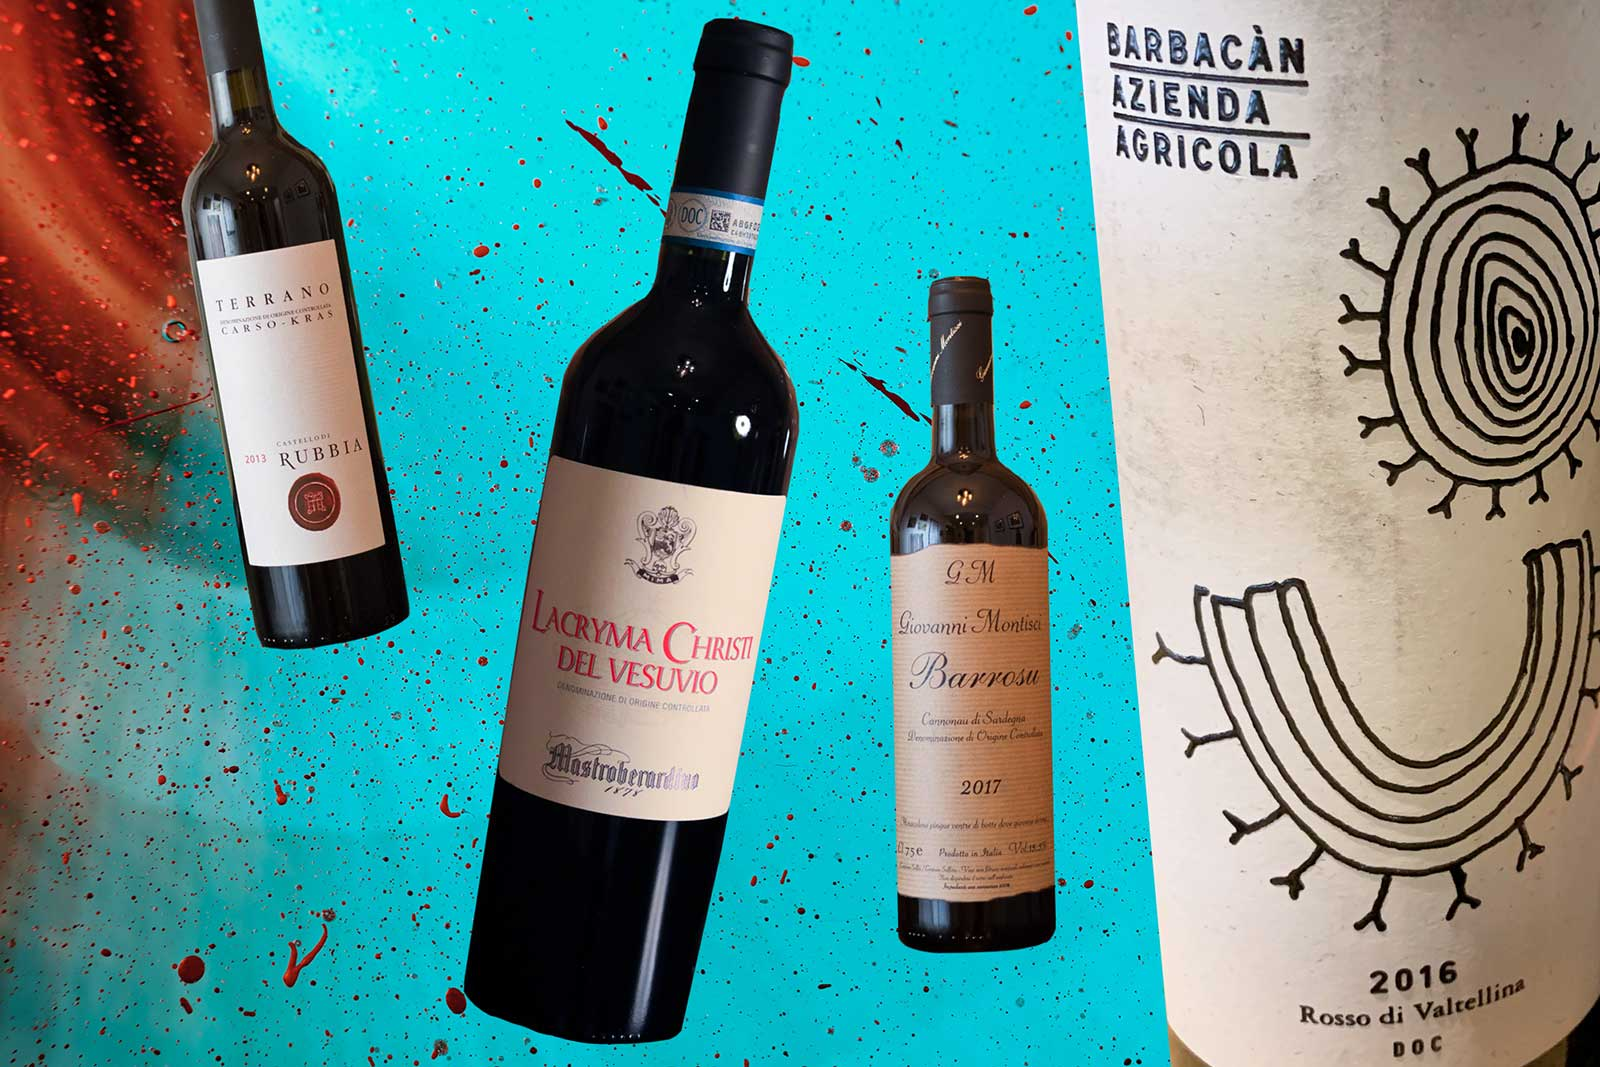 Italian Acid Trip: High-Acid Wines. Illustration by JR Korpa on Unsplash